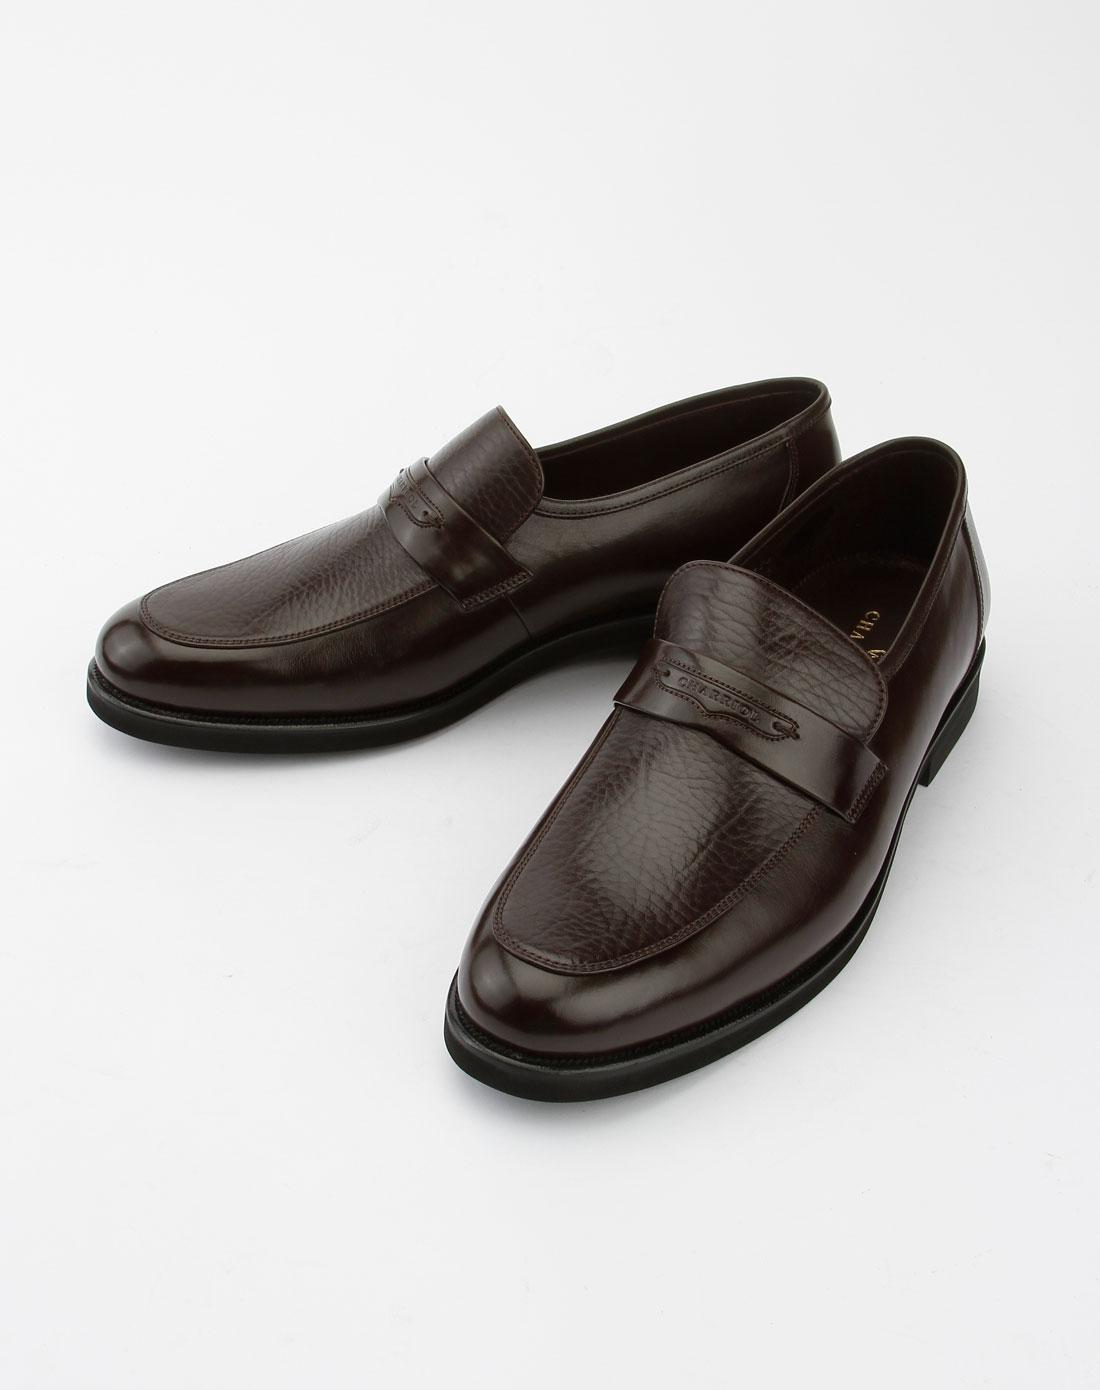 夏利豪charriol男款深咖啡色商务皮鞋02161108